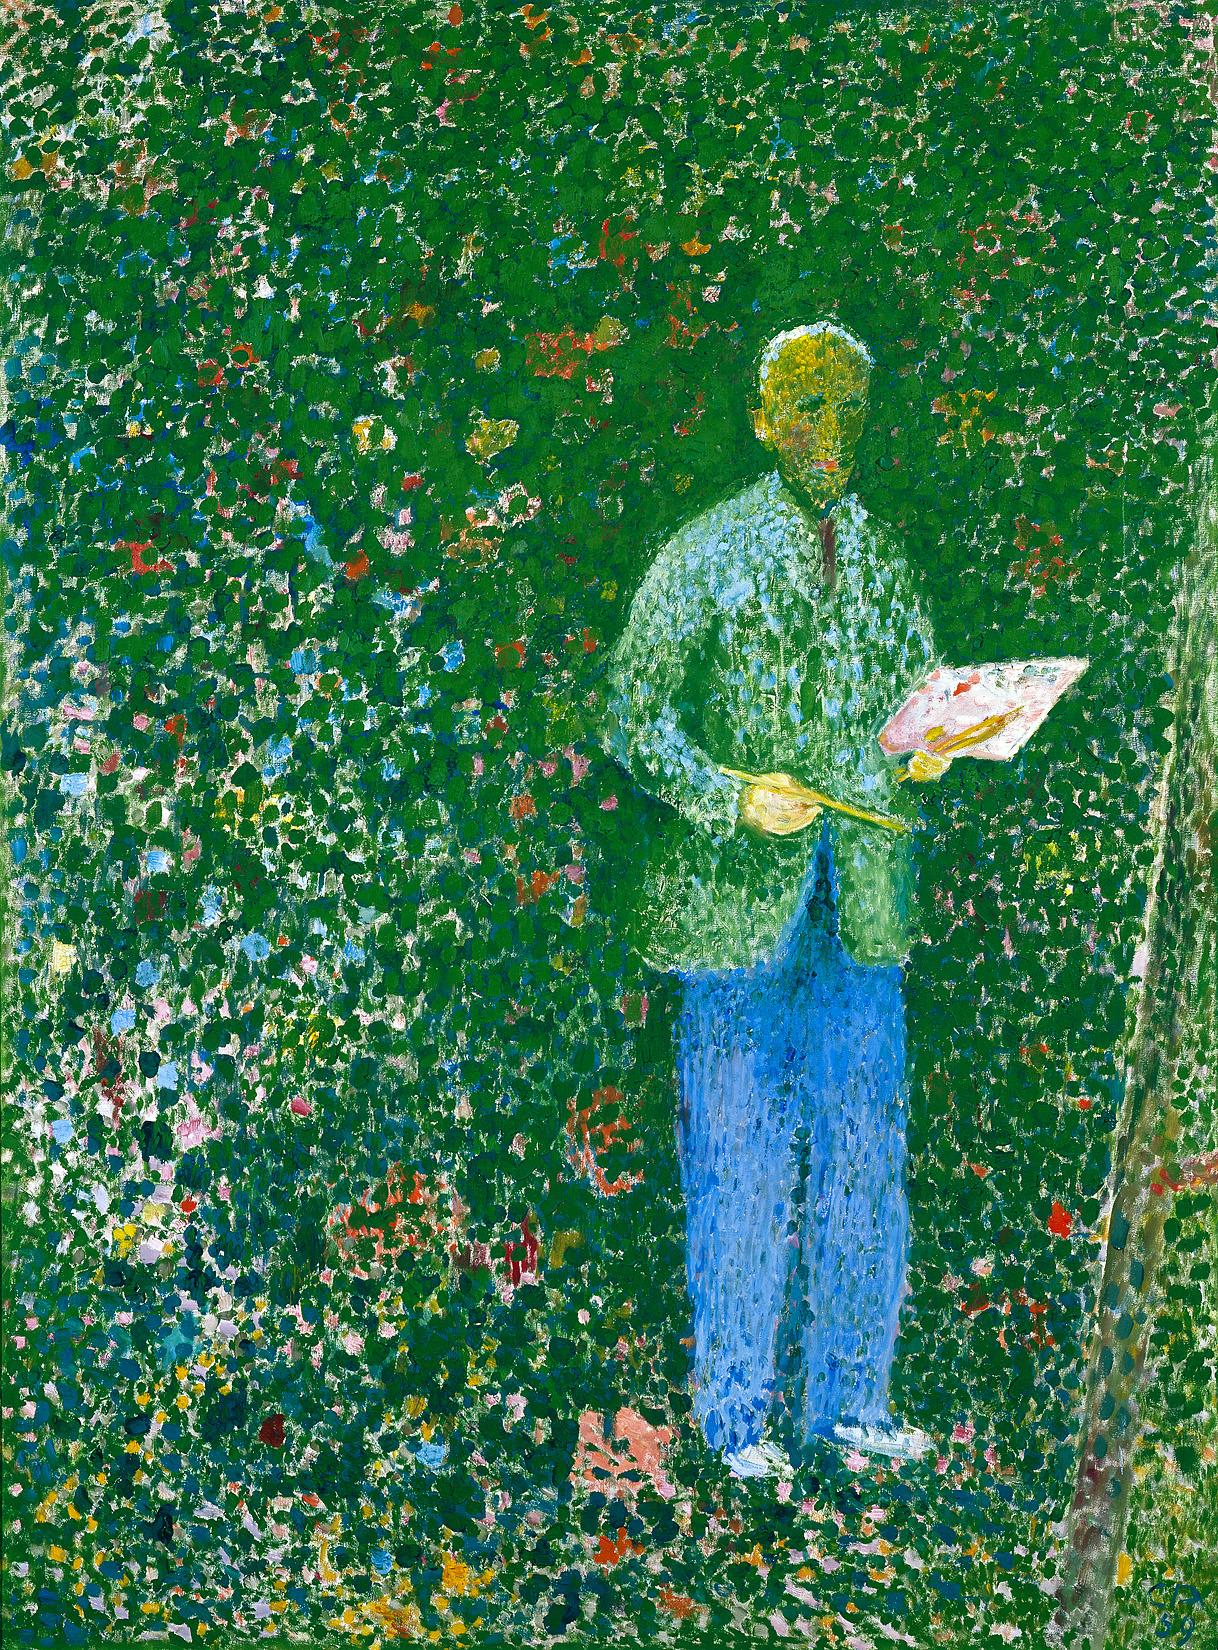 Cuno Amiet, Der Maler, 1959